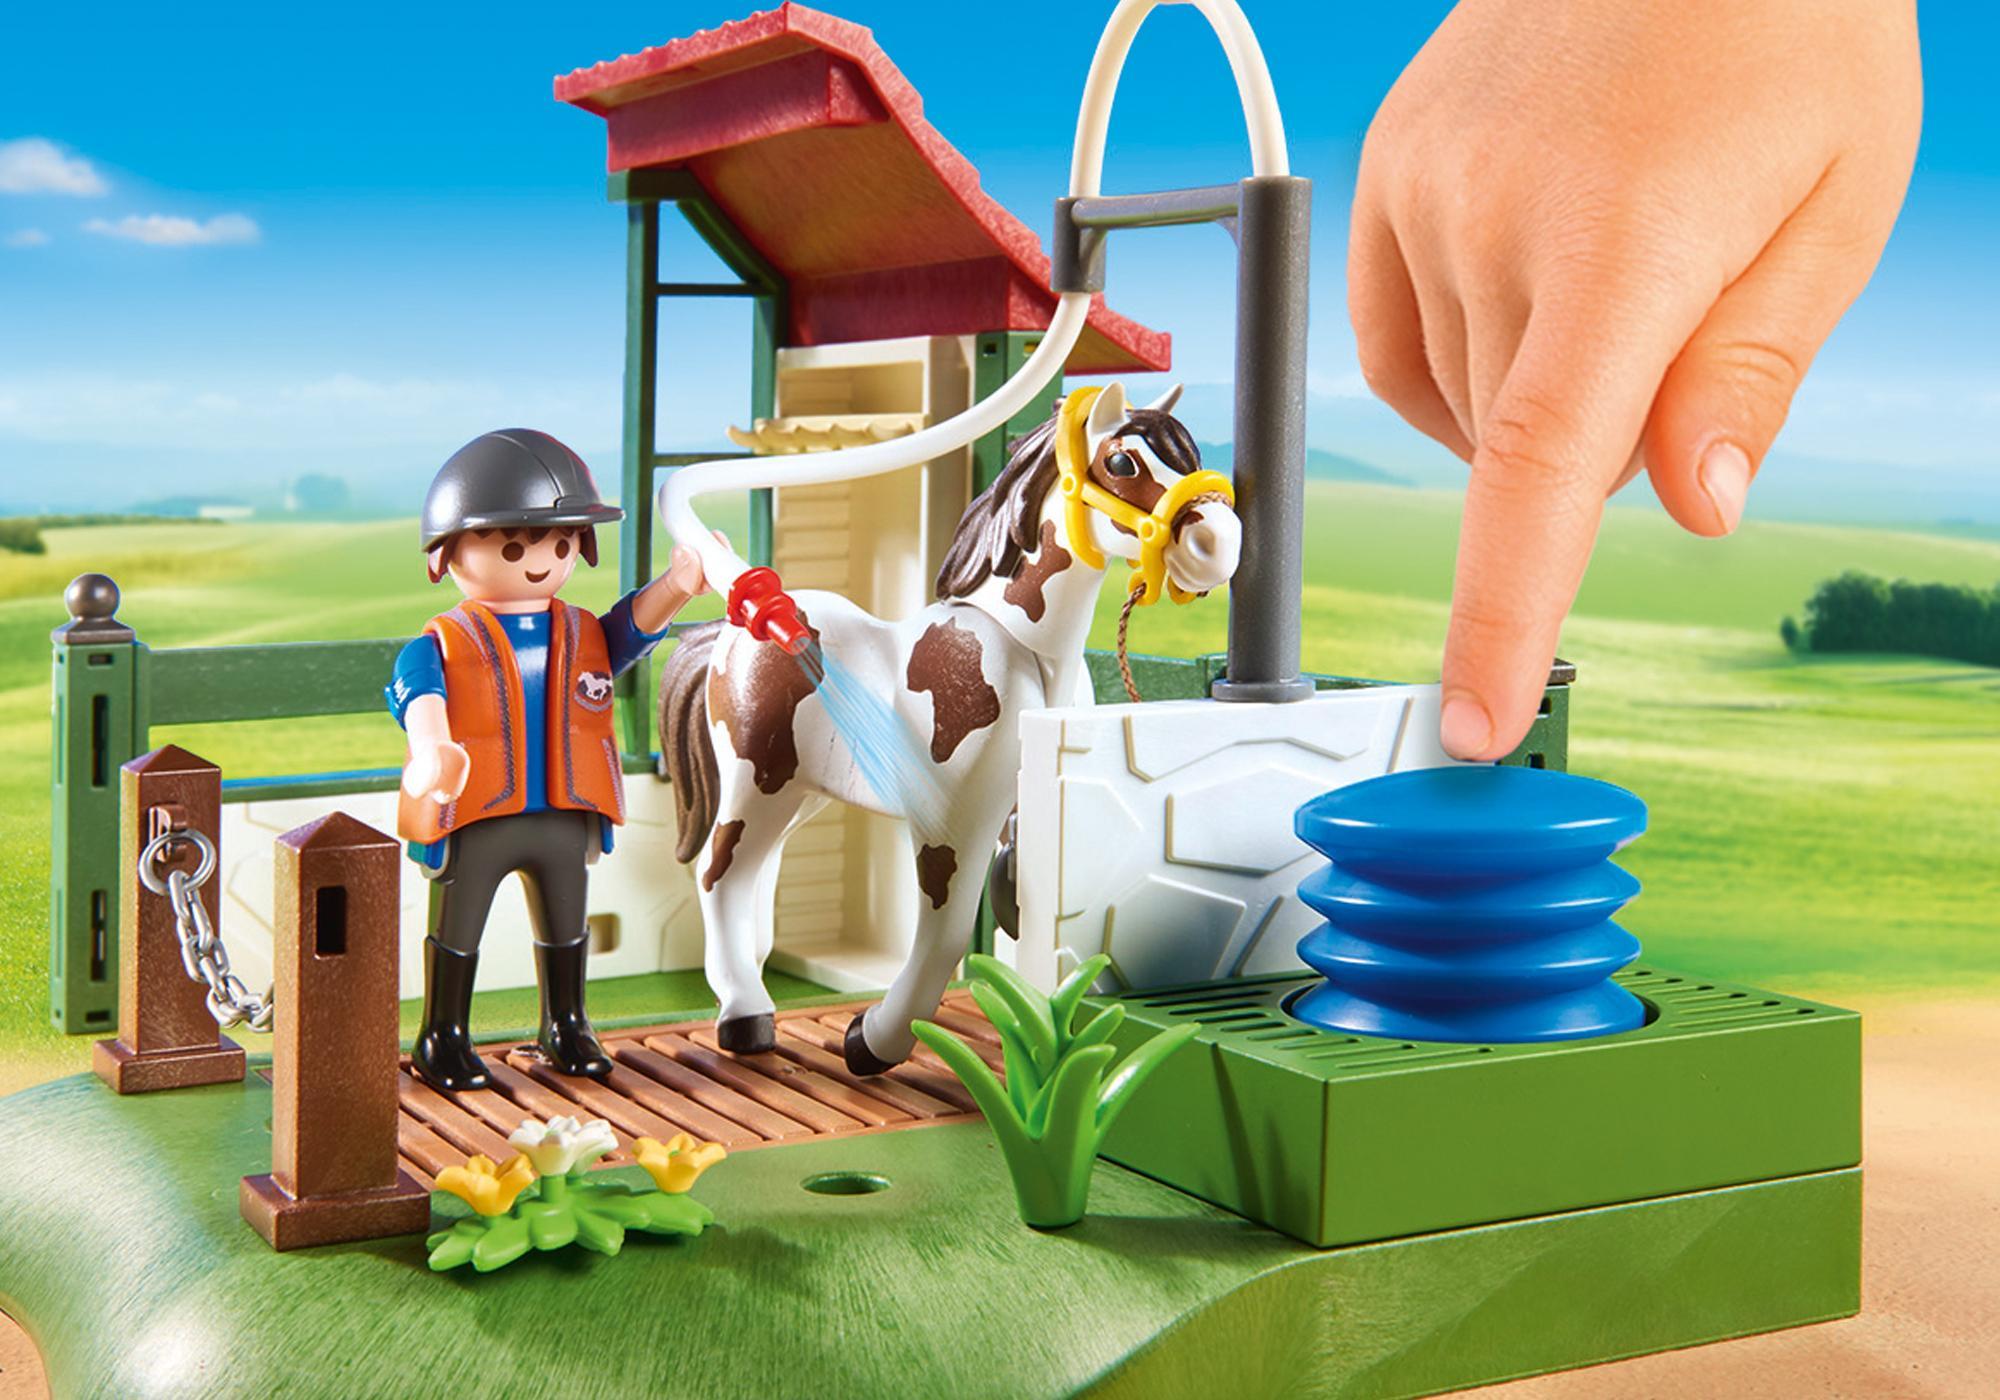 http://media.playmobil.com/i/playmobil/6929_product_extra1/Set de Limpeza para Cavalos